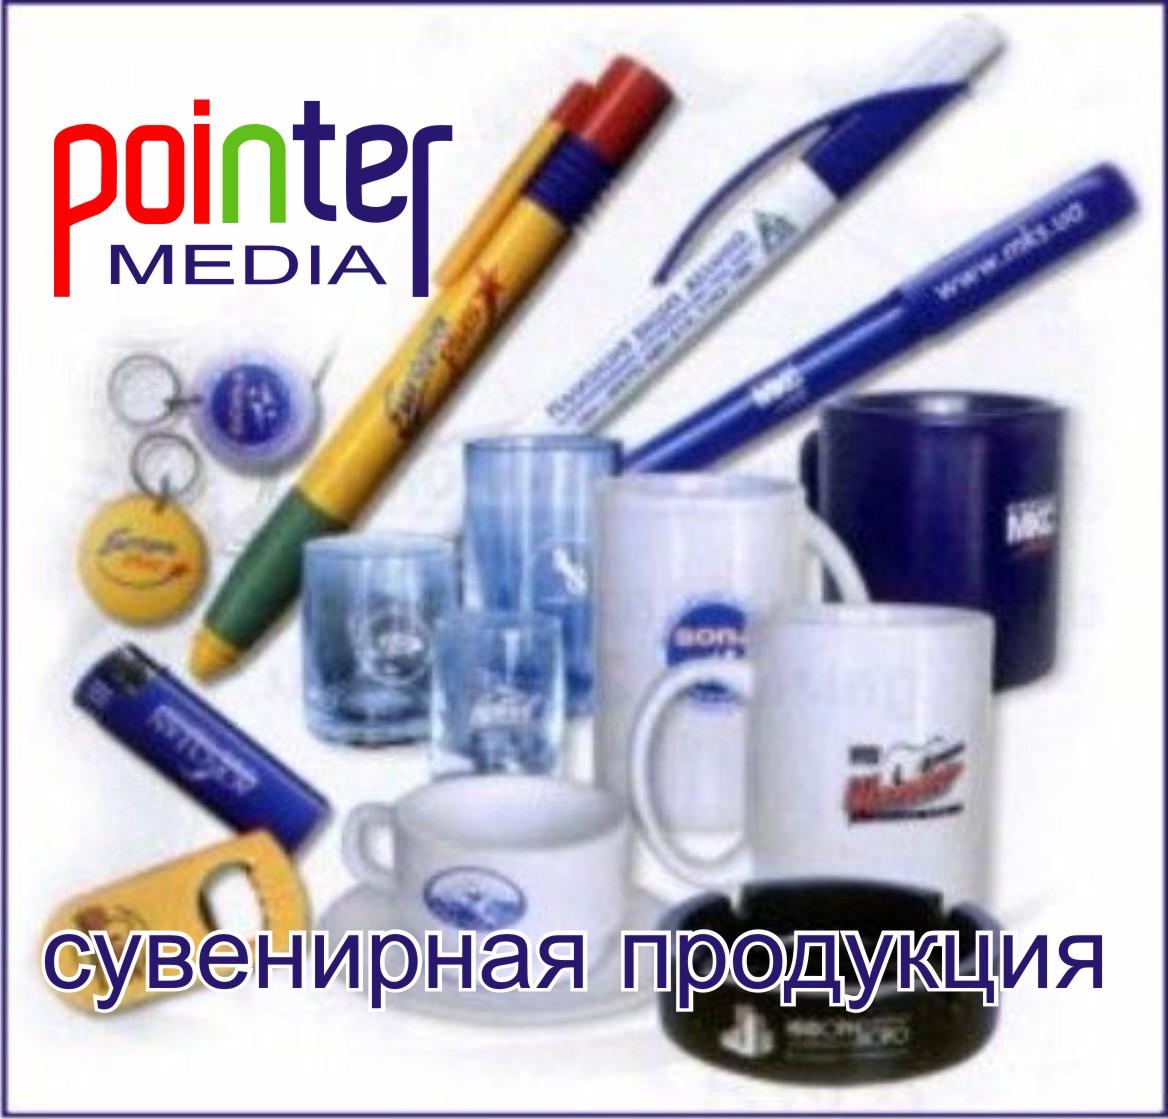 Рекламная продукция с логотипом ...: pictures11.ru/reklamnaya-produkciya-s-logotipom.html